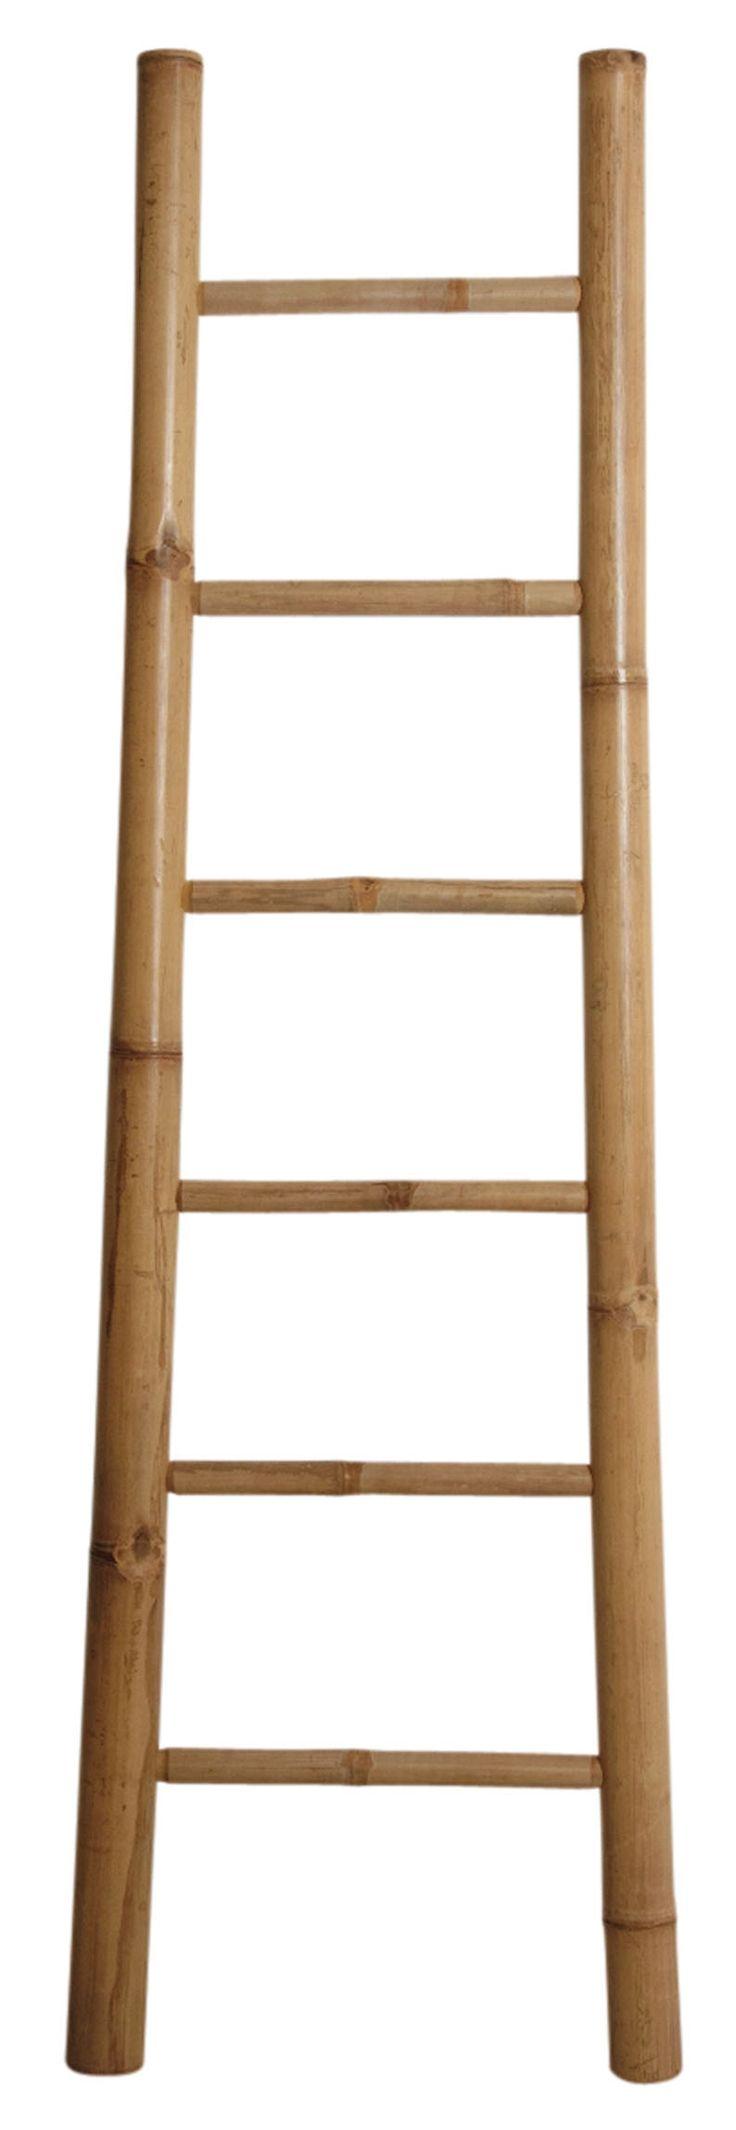 Modernisez votre salle de bain avec cette échelle qui servira de porte serviettes. Réalisée en bambou, elle apportera cette touche de naturel qui manque parfois dans cette pièce.  Ses dimensions : H180 x L55